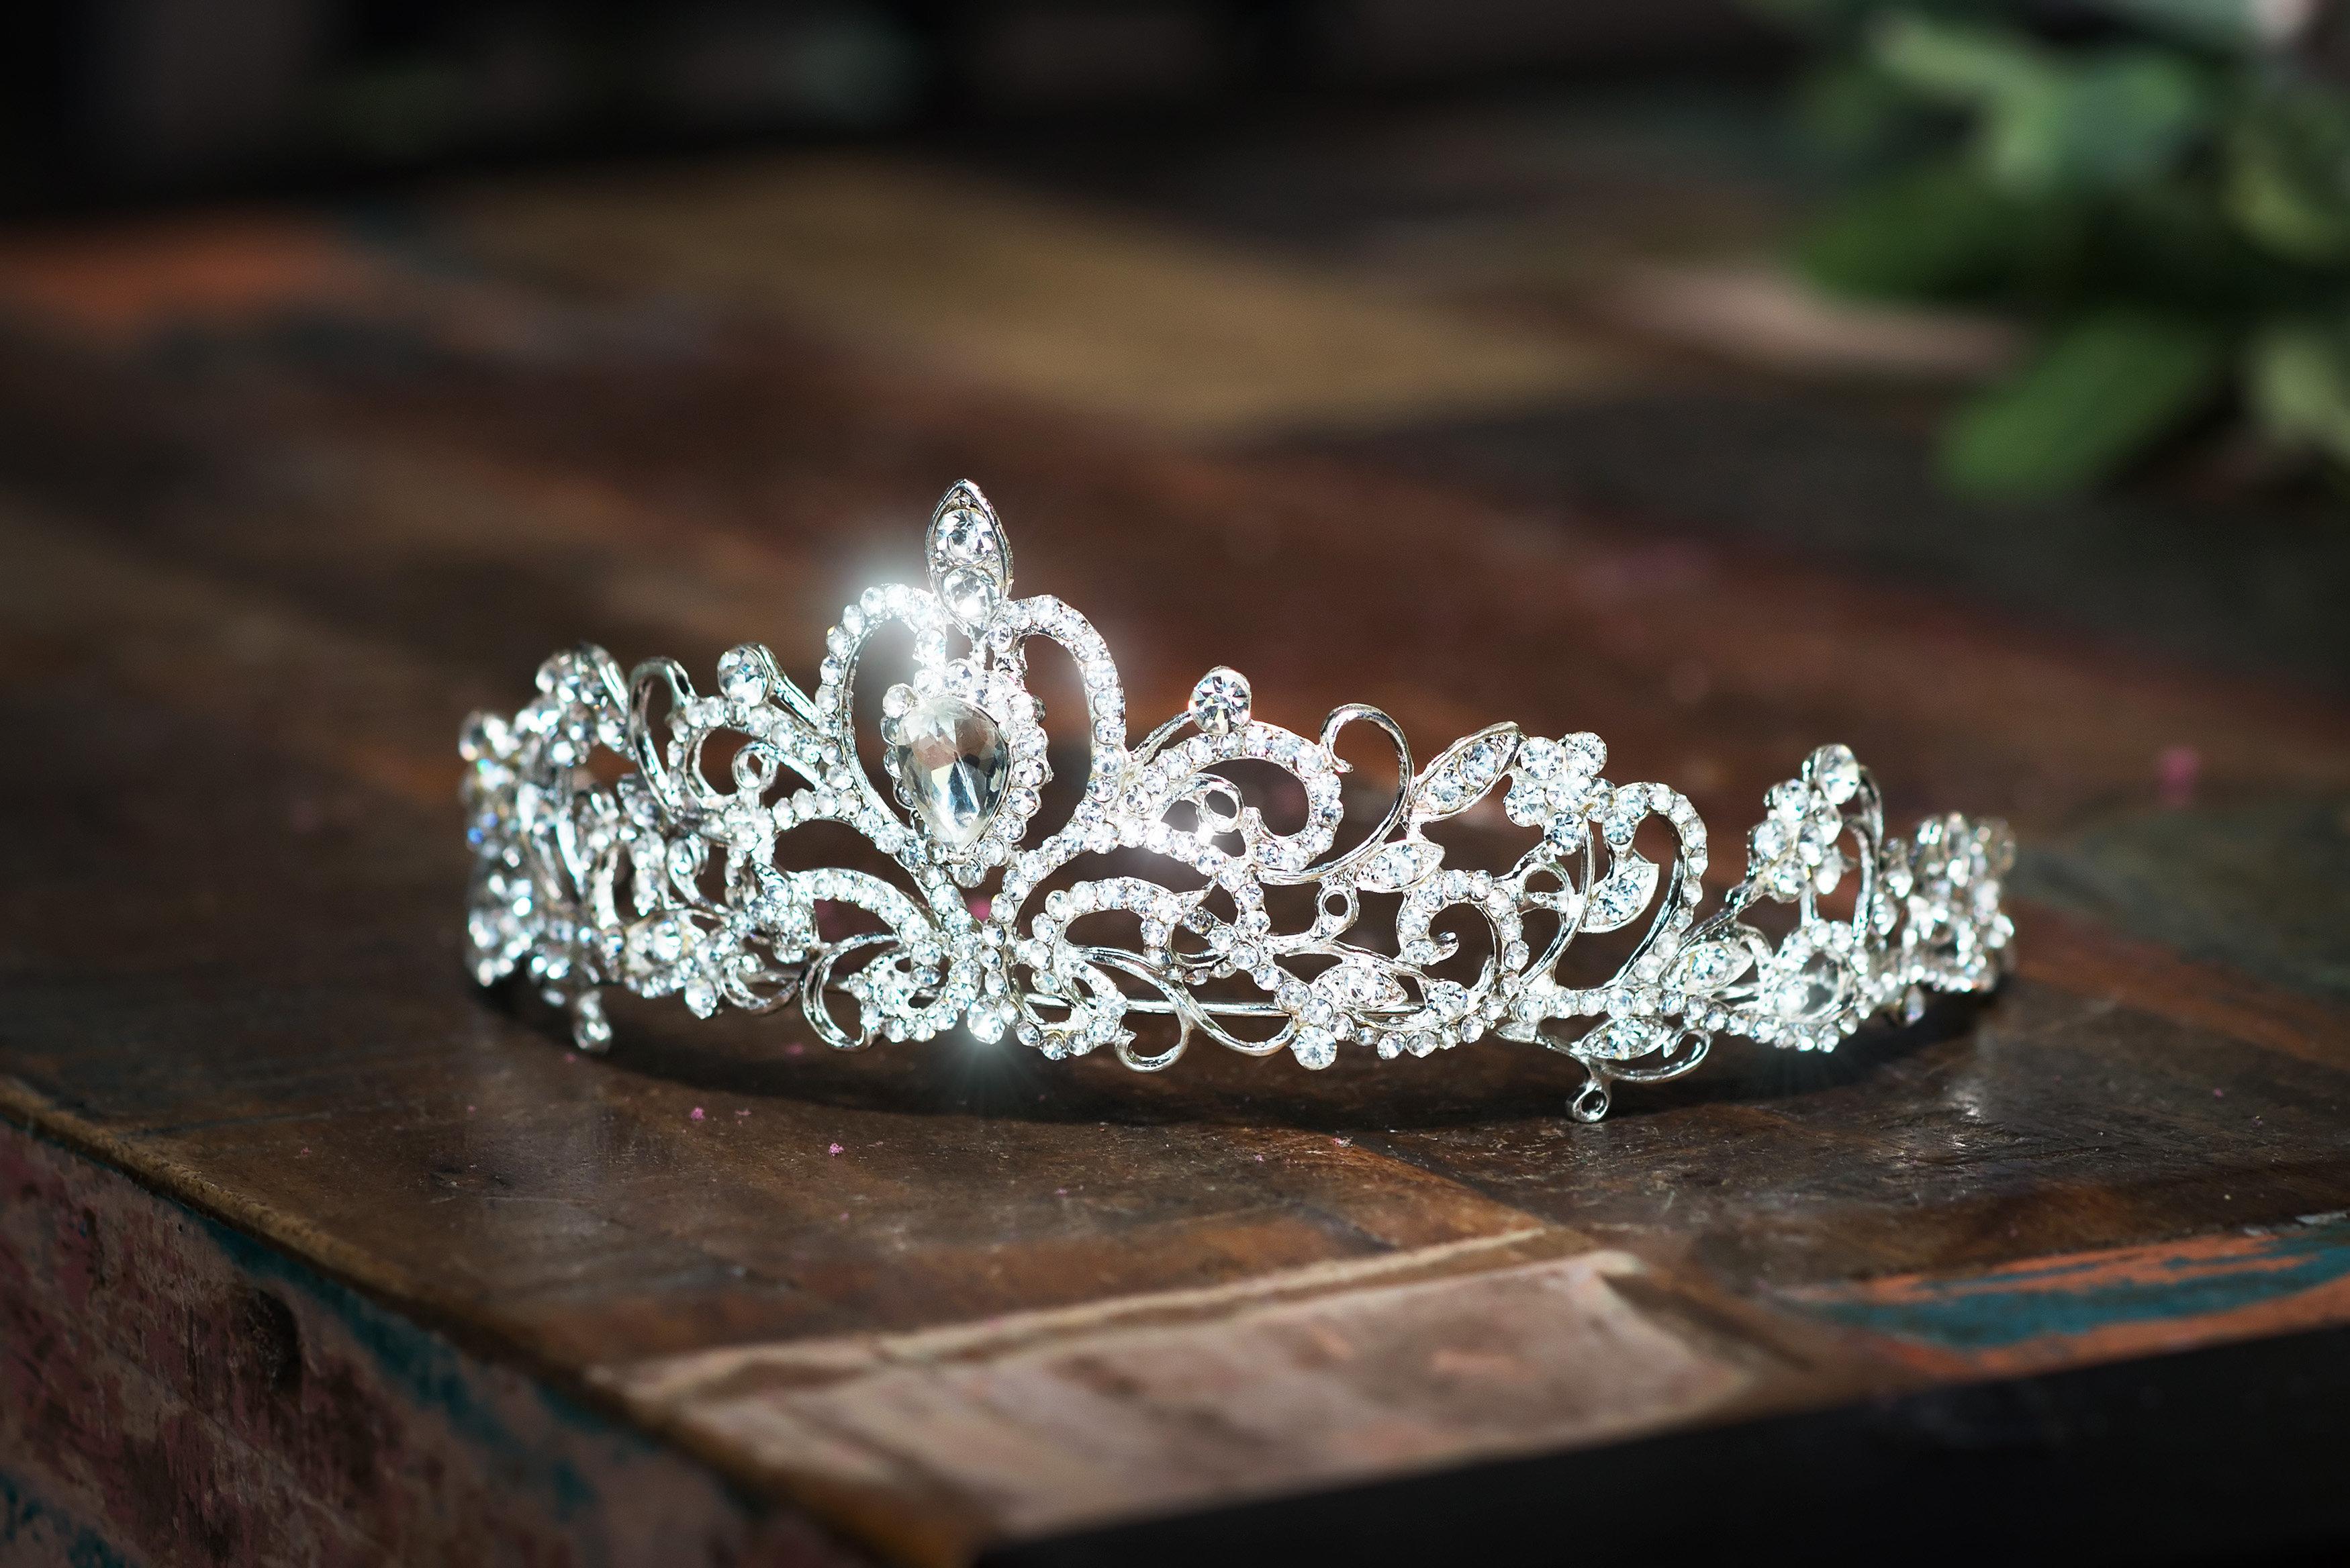 Θάνατος δια απαγχονισμού για την 24χρονη βασίλισσα της ομορφιάς που μαχαίρωσε τον φίλο της 25